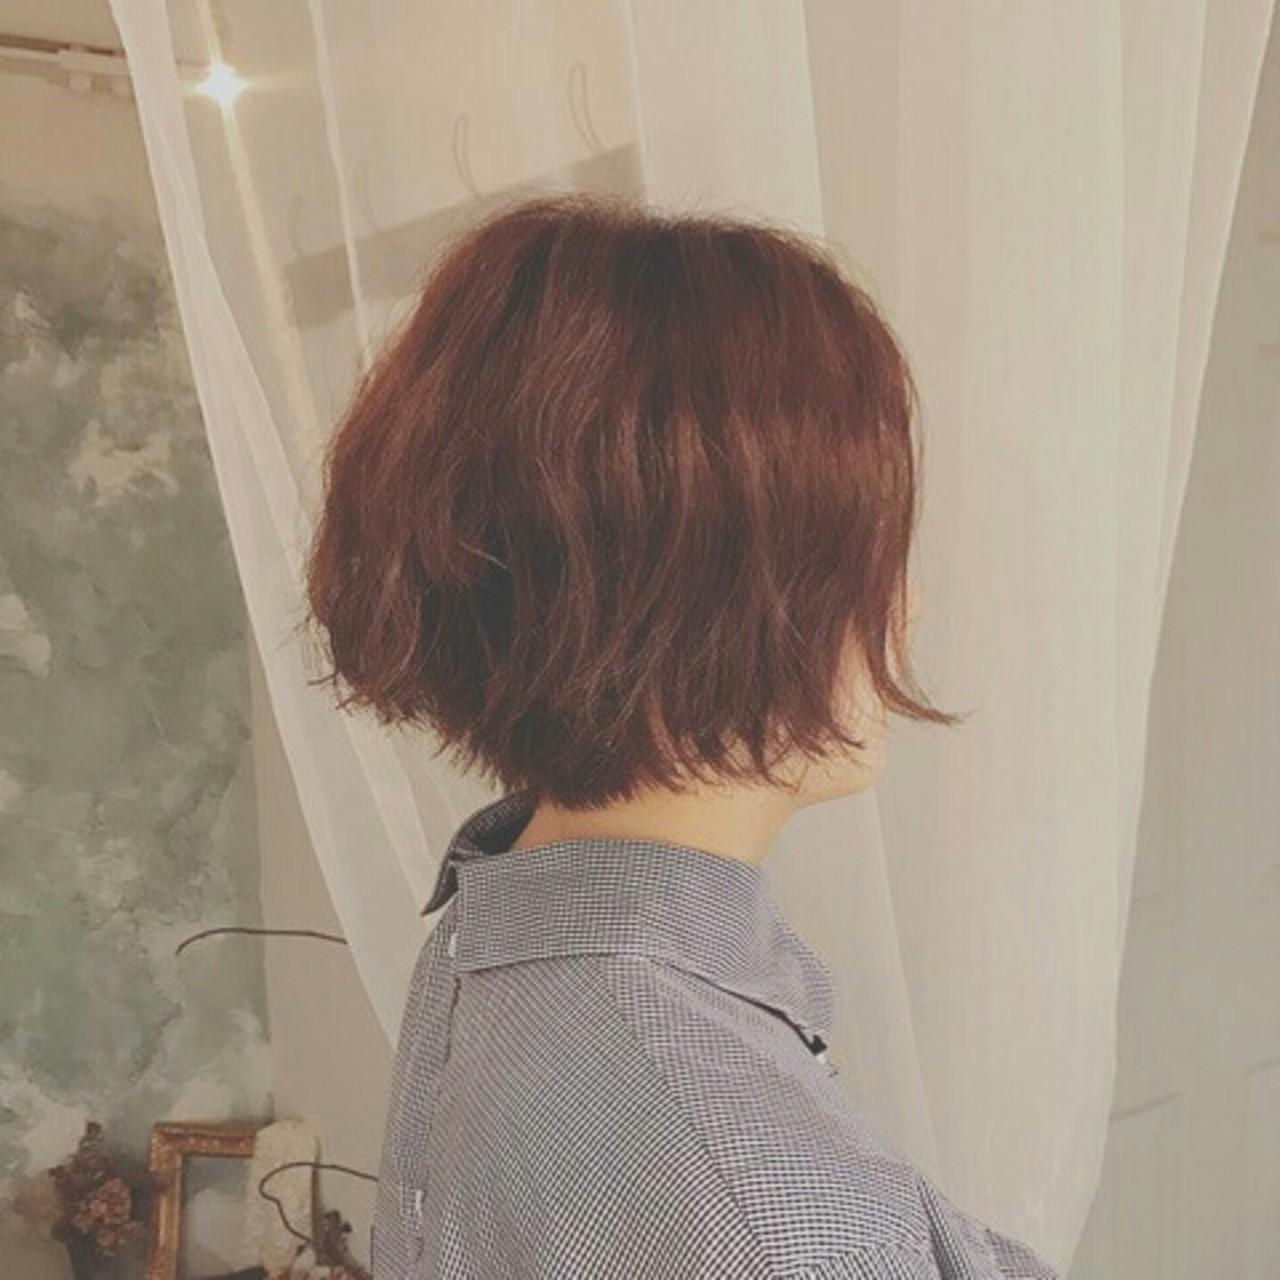 パーマ 色気 外国人風 ナチュラル ヘアスタイルや髪型の写真・画像